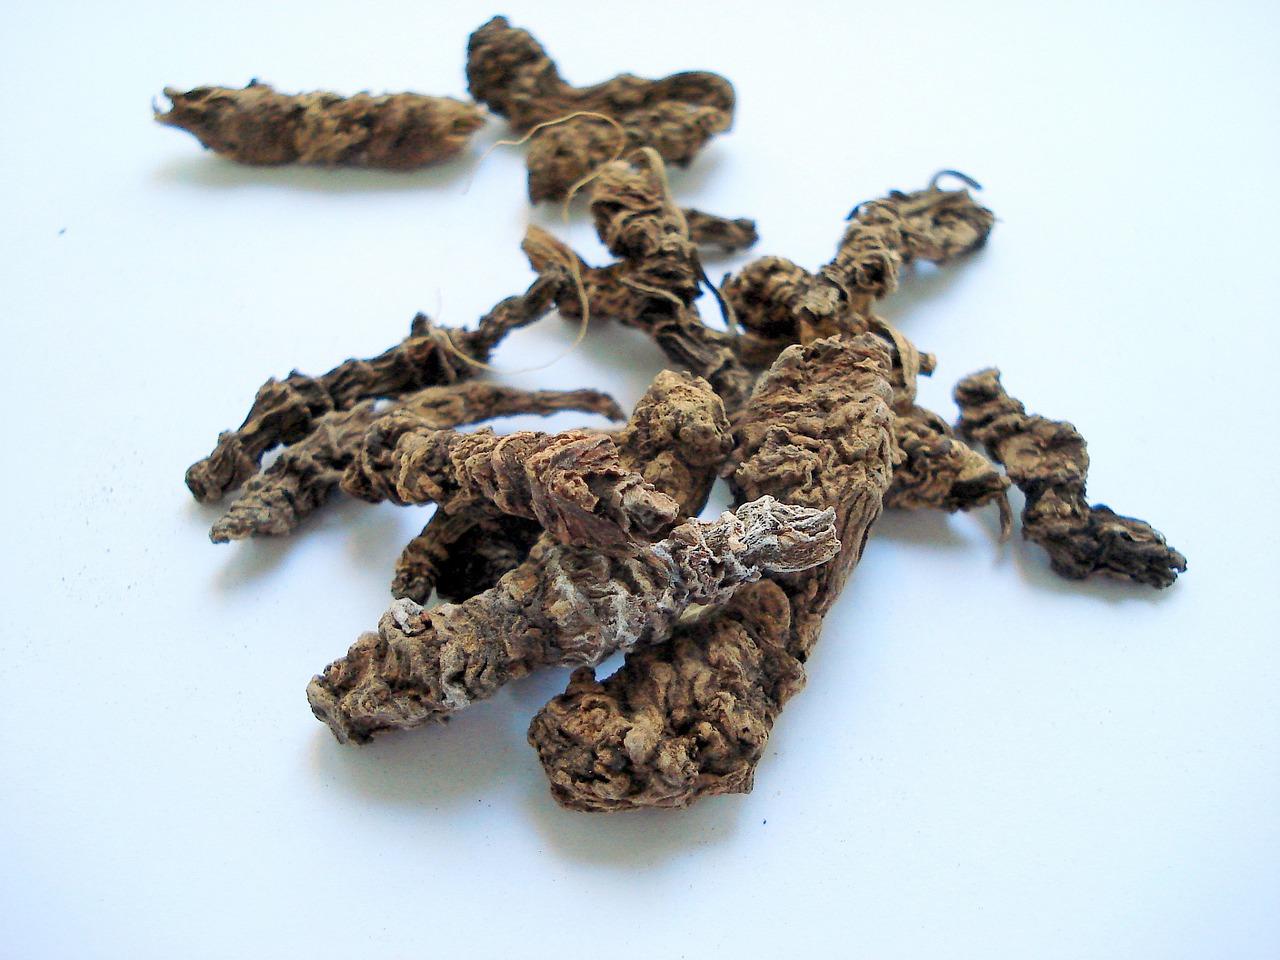 Το ισχυρό αυτό βότανο μειώνει την αρτηριακή πίεση, το άγχος και σας βοηθά να κοιμηθείτε!